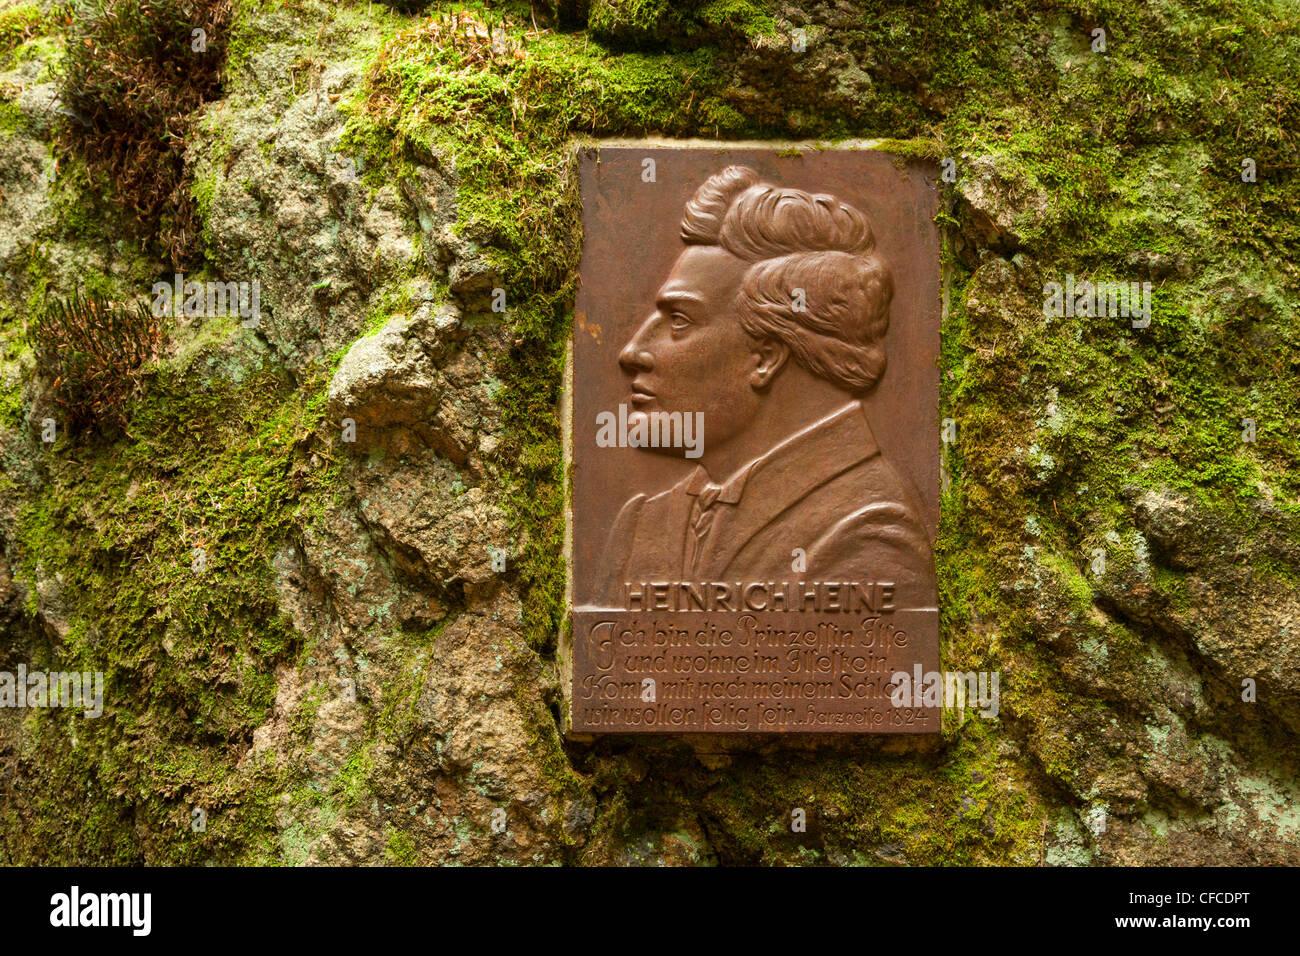 Plate with portrait and poem of Heinrich Heine, Ilse valley, Heinrich-Heine hiking trail, near Ilsenburg, Harz mountains, - Stock Image